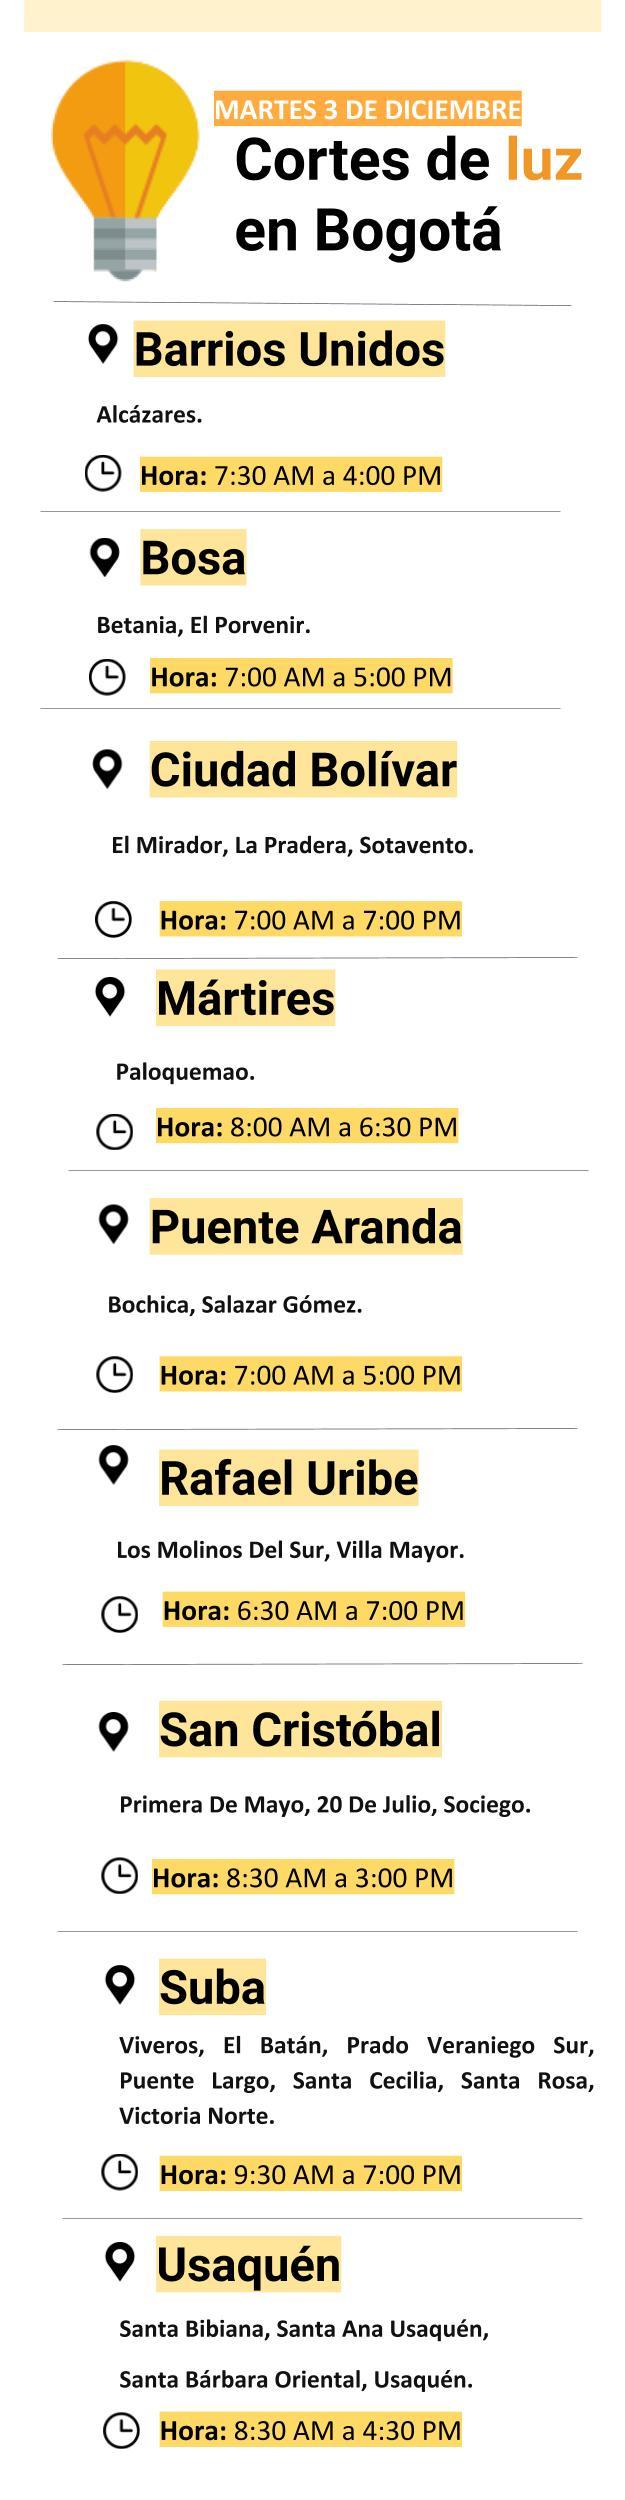 Cortes de luz en Bogotá para el tres de diciembre